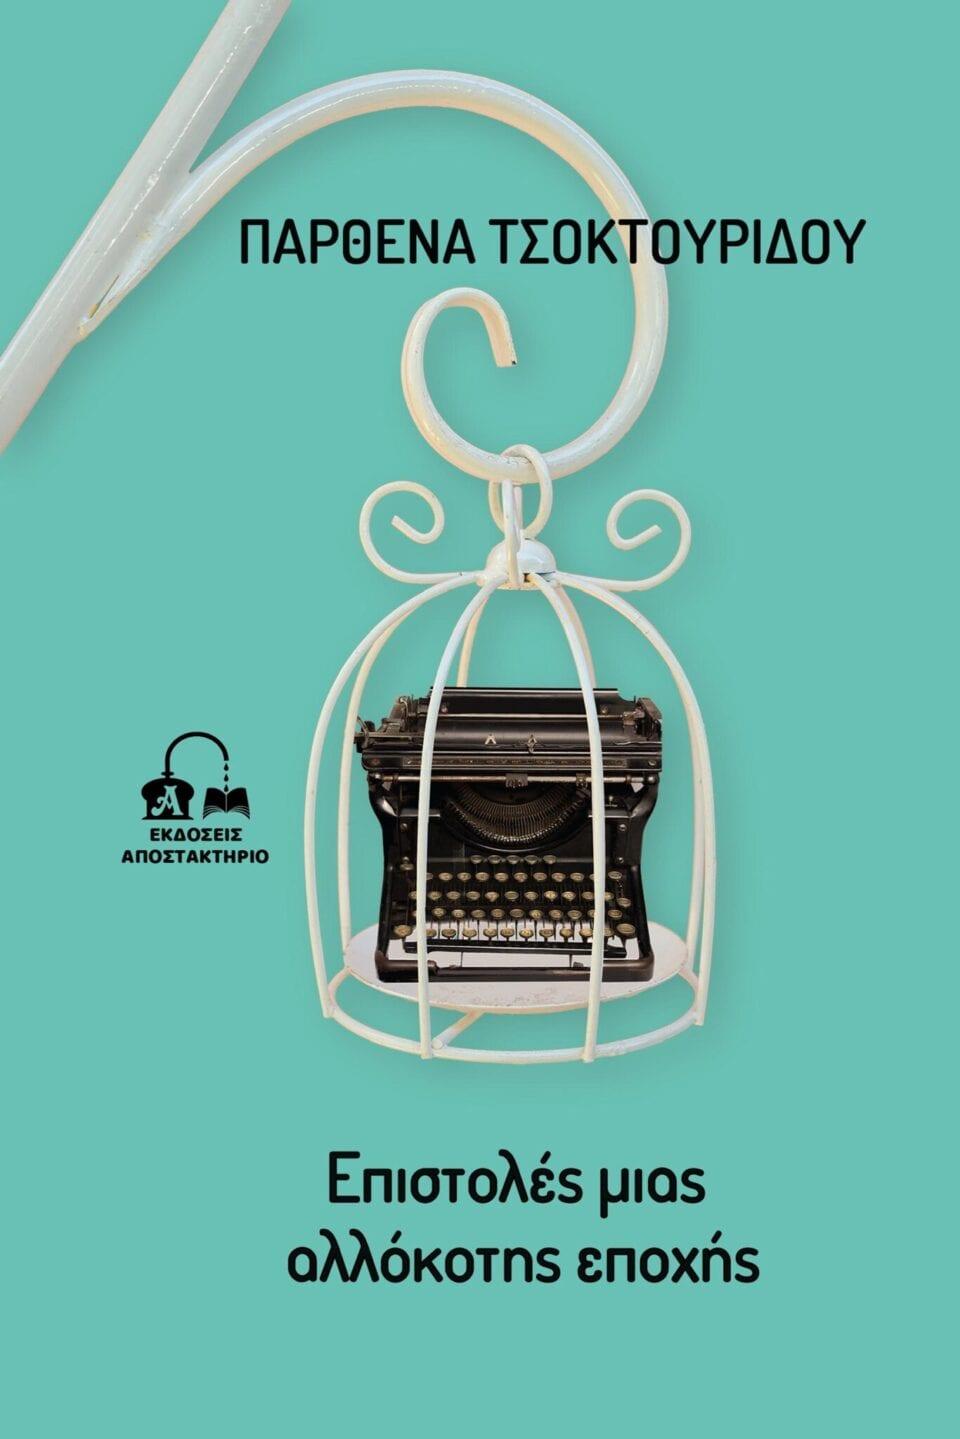 """Κυκλοφόρησαν οι """"Επιστολές μιας αλλόκοτης εποχής"""" από τις εκδόσεις ΑΠΟΣΤΑΚΤΗΡΙΟ της συγγραφέως Παρθένας Τσοκτουρίδου"""